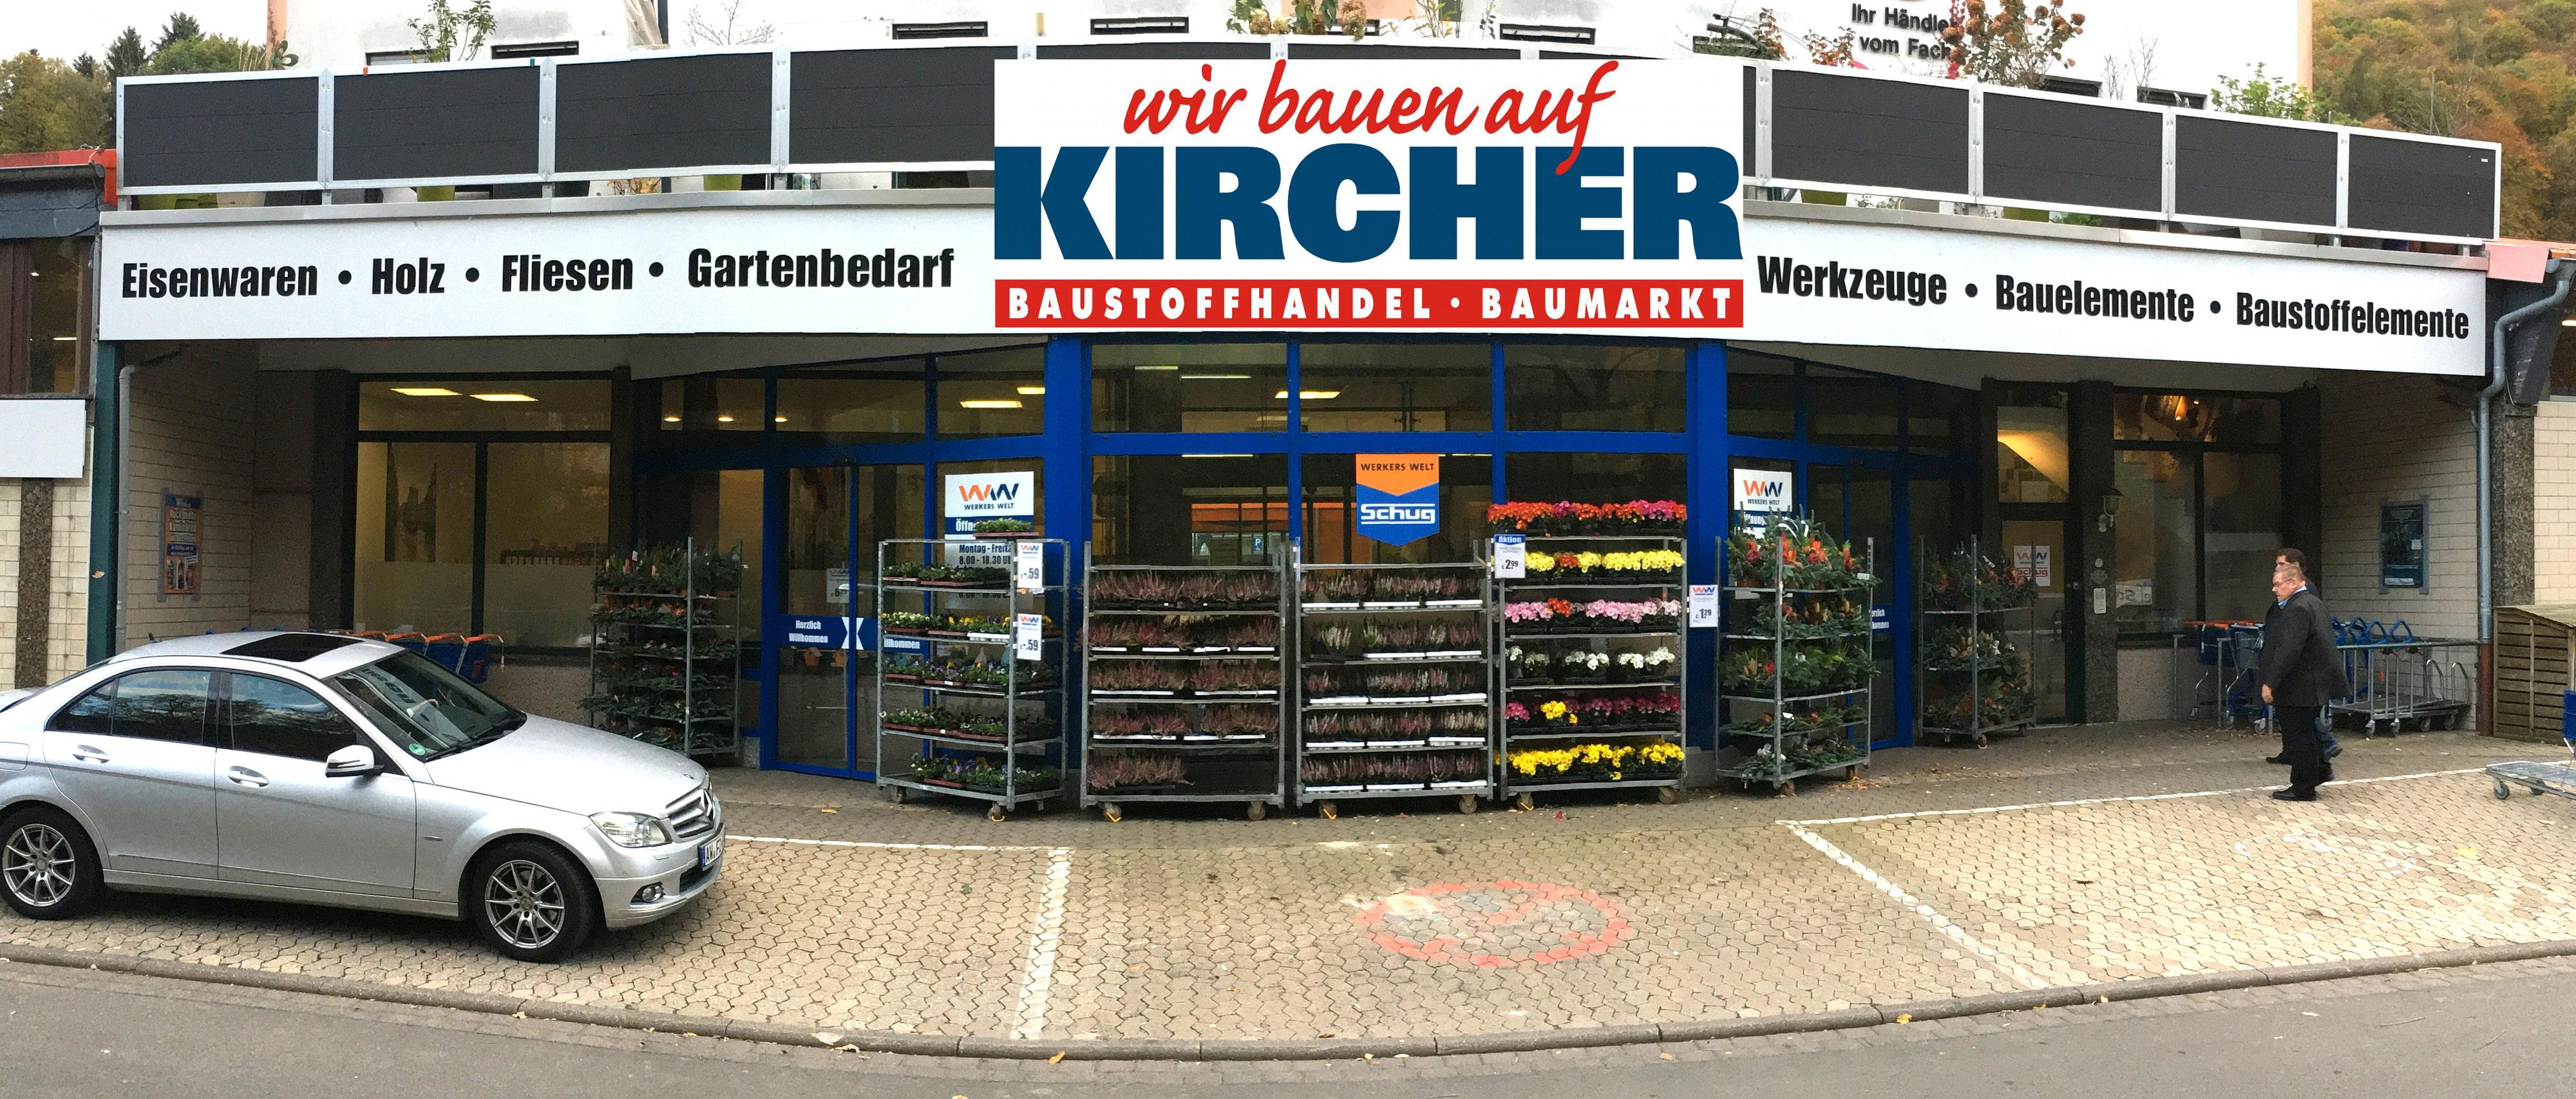 Baumarkt Selters neue standorte am nürburgring kircher baustoffes webseite